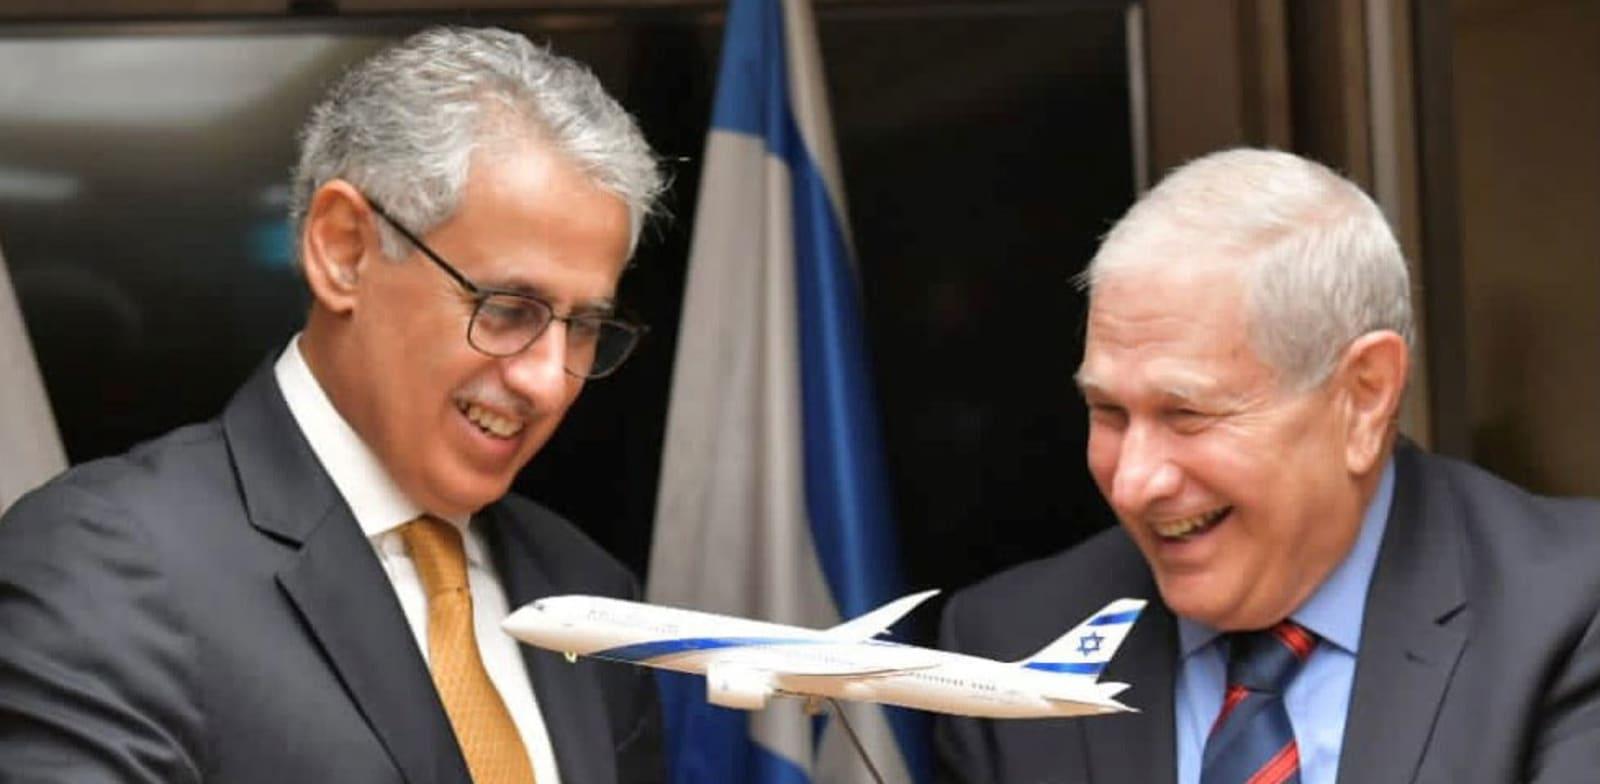 """יו""""ר אל על דוד ברודט ושר הכלכלה של בחריין זיאד אל זיאני / צילום: דוברות אל על"""